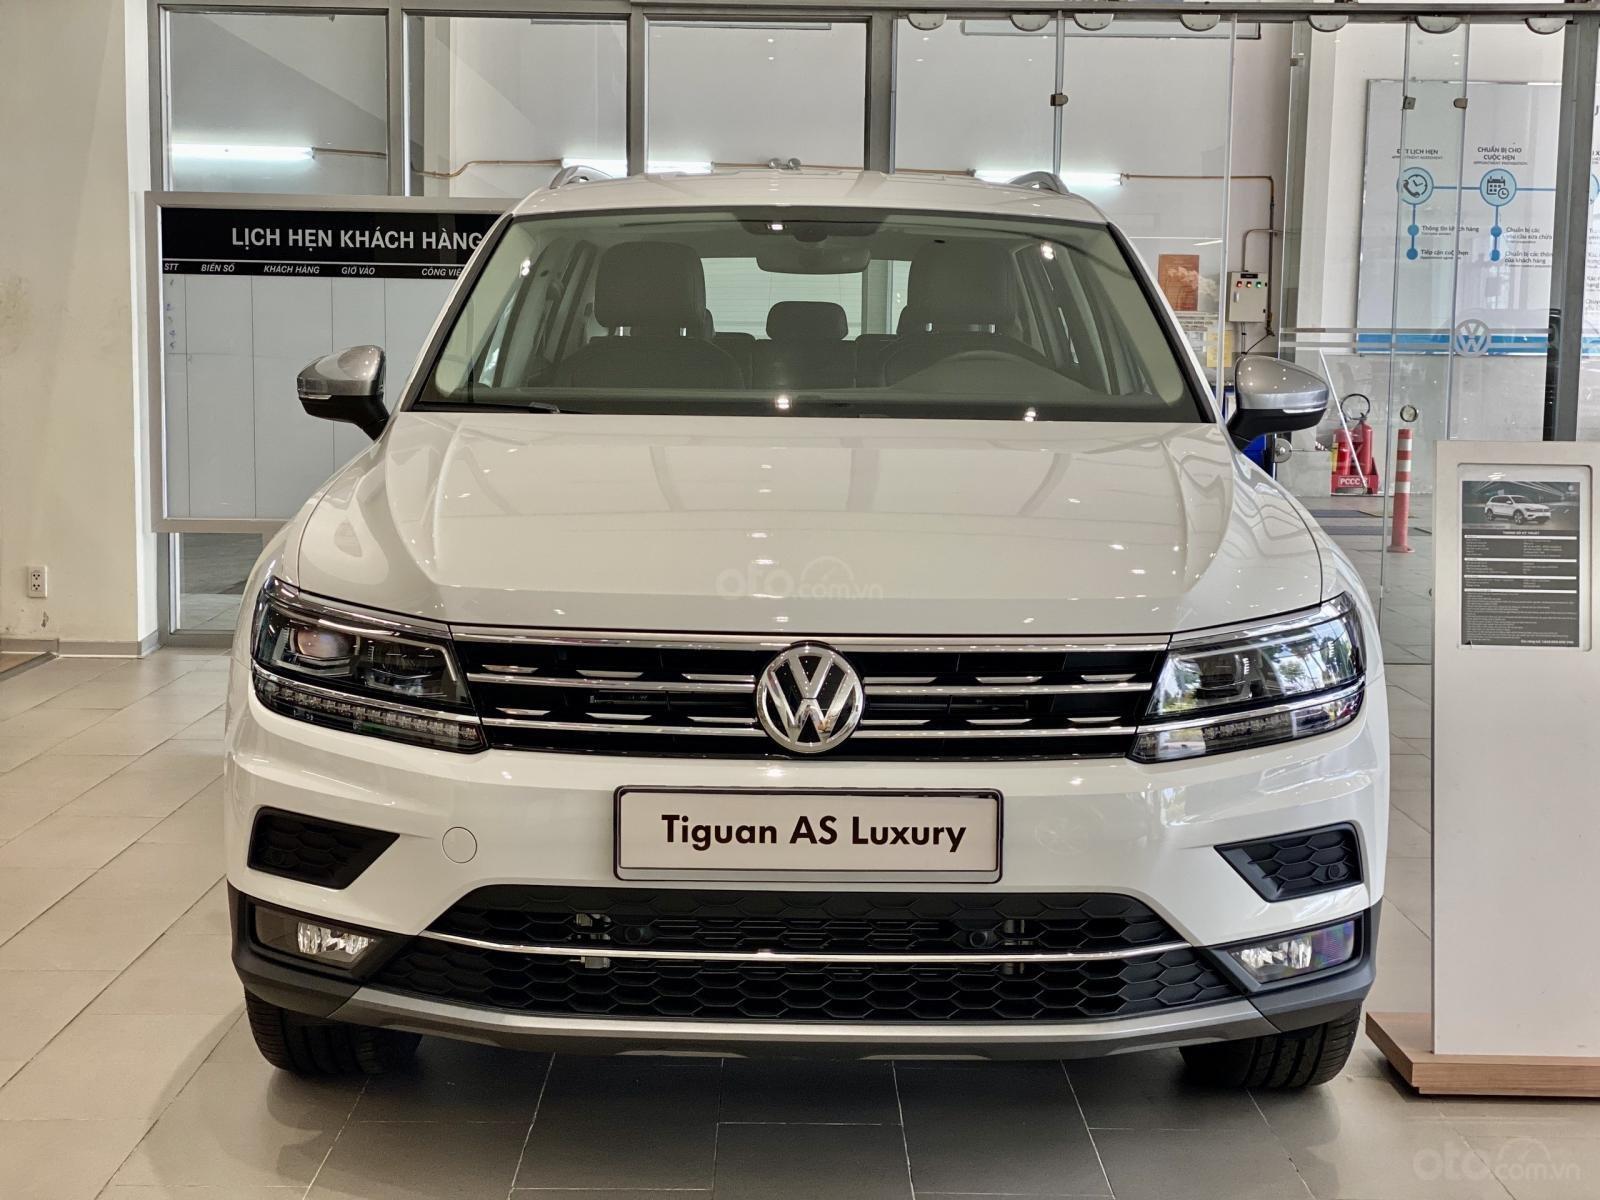 Volkswagen Tiguan Luxury Topline màu trắng, nâng cấp sang trọng - SUV 7 chỗ nhập khẩu - KM tháng ngâu lên đến 170 triệu (1)